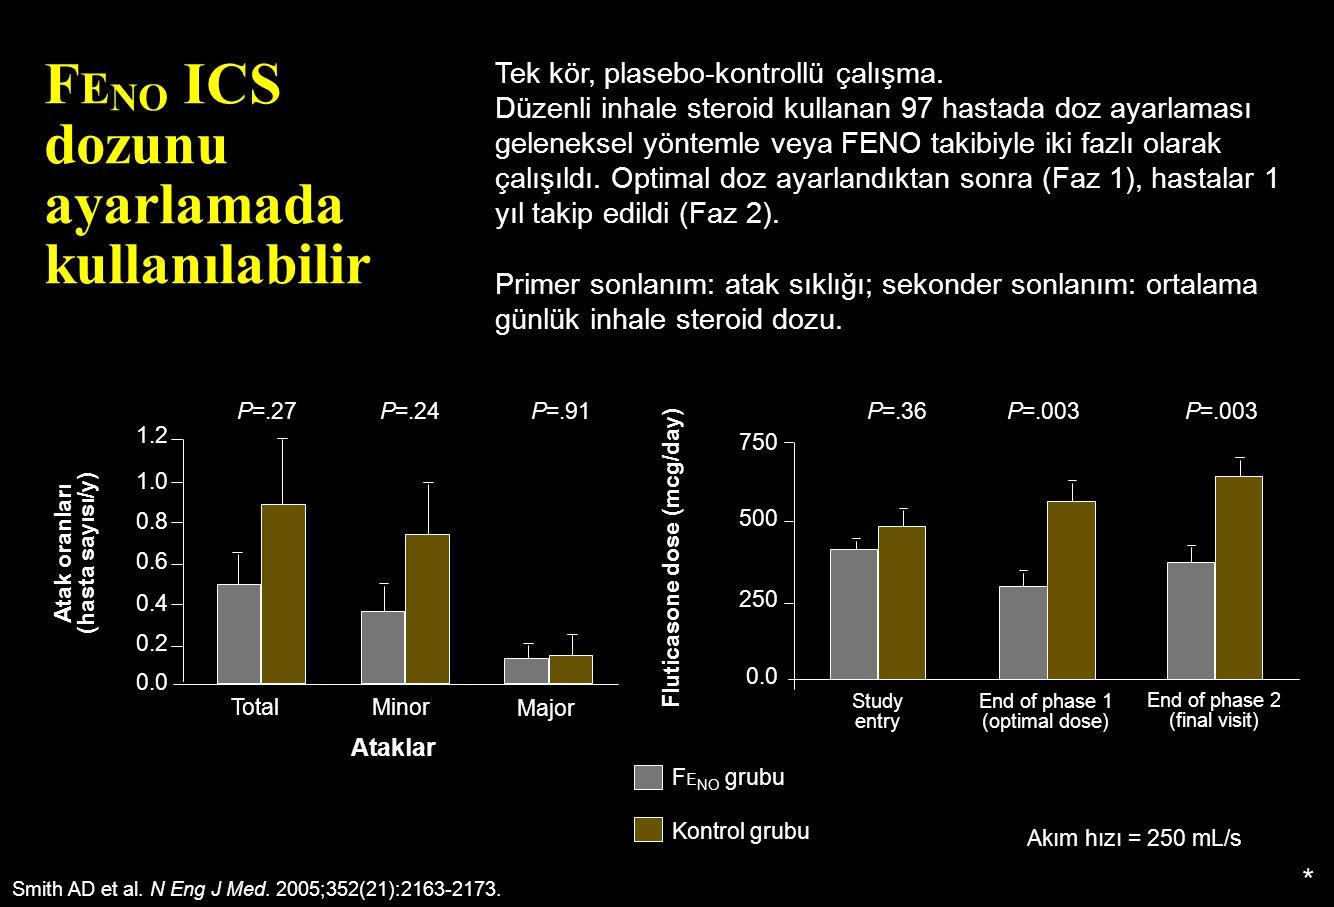 Fluticasone dose (mcg/day)